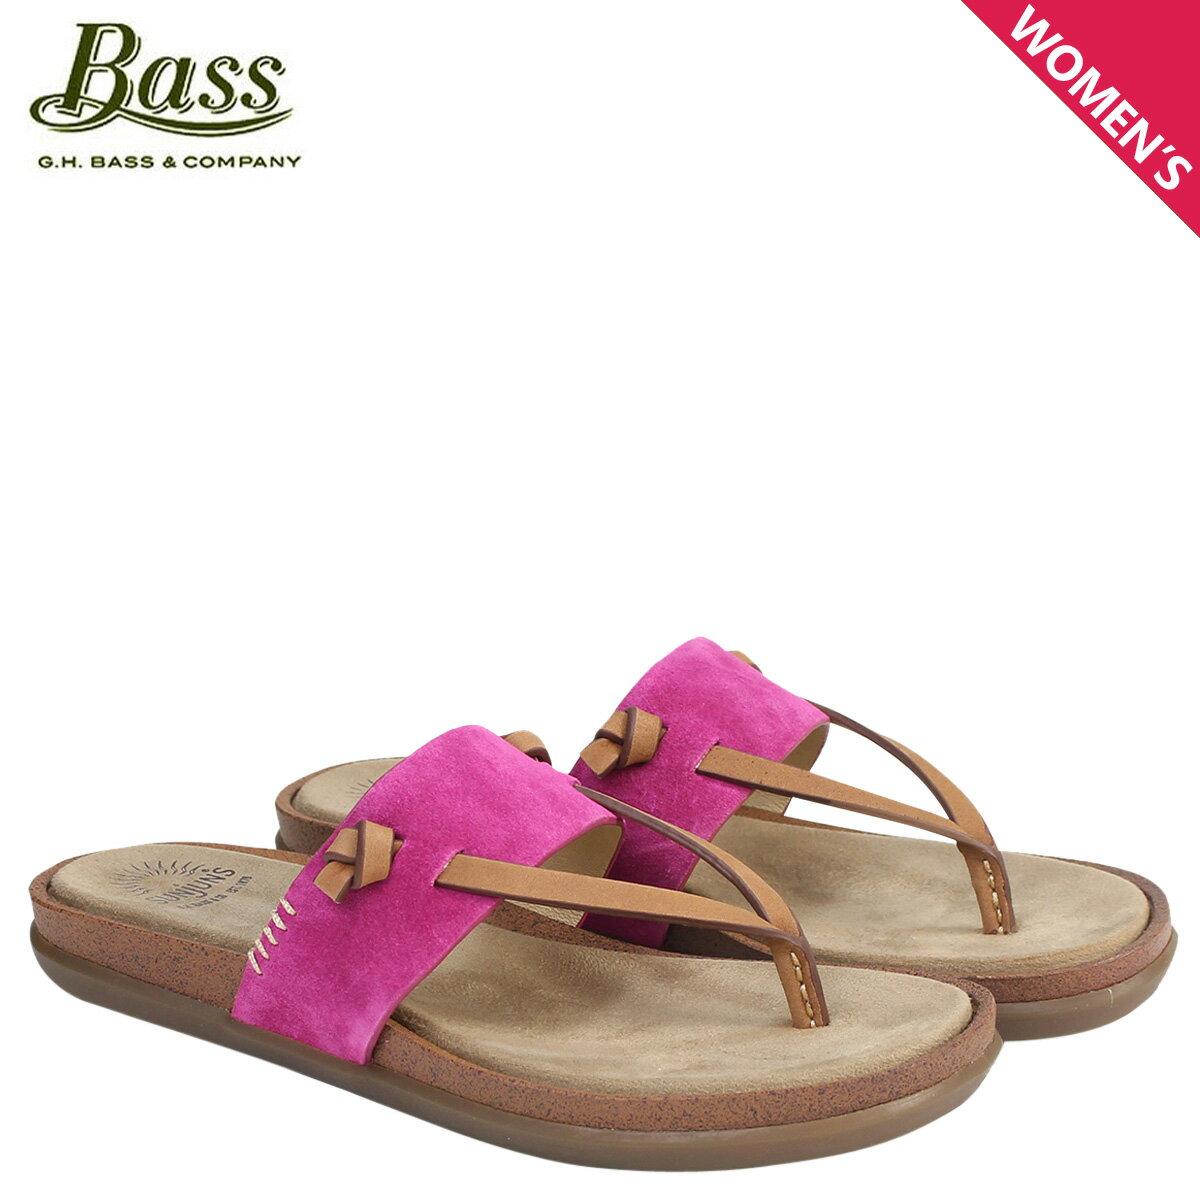 ジーエイチバス サンダル レディース G.H. BASS ジーエイチバス トング SHANNON THONG SUNJUNS 71-23018 靴 ピンク [177]